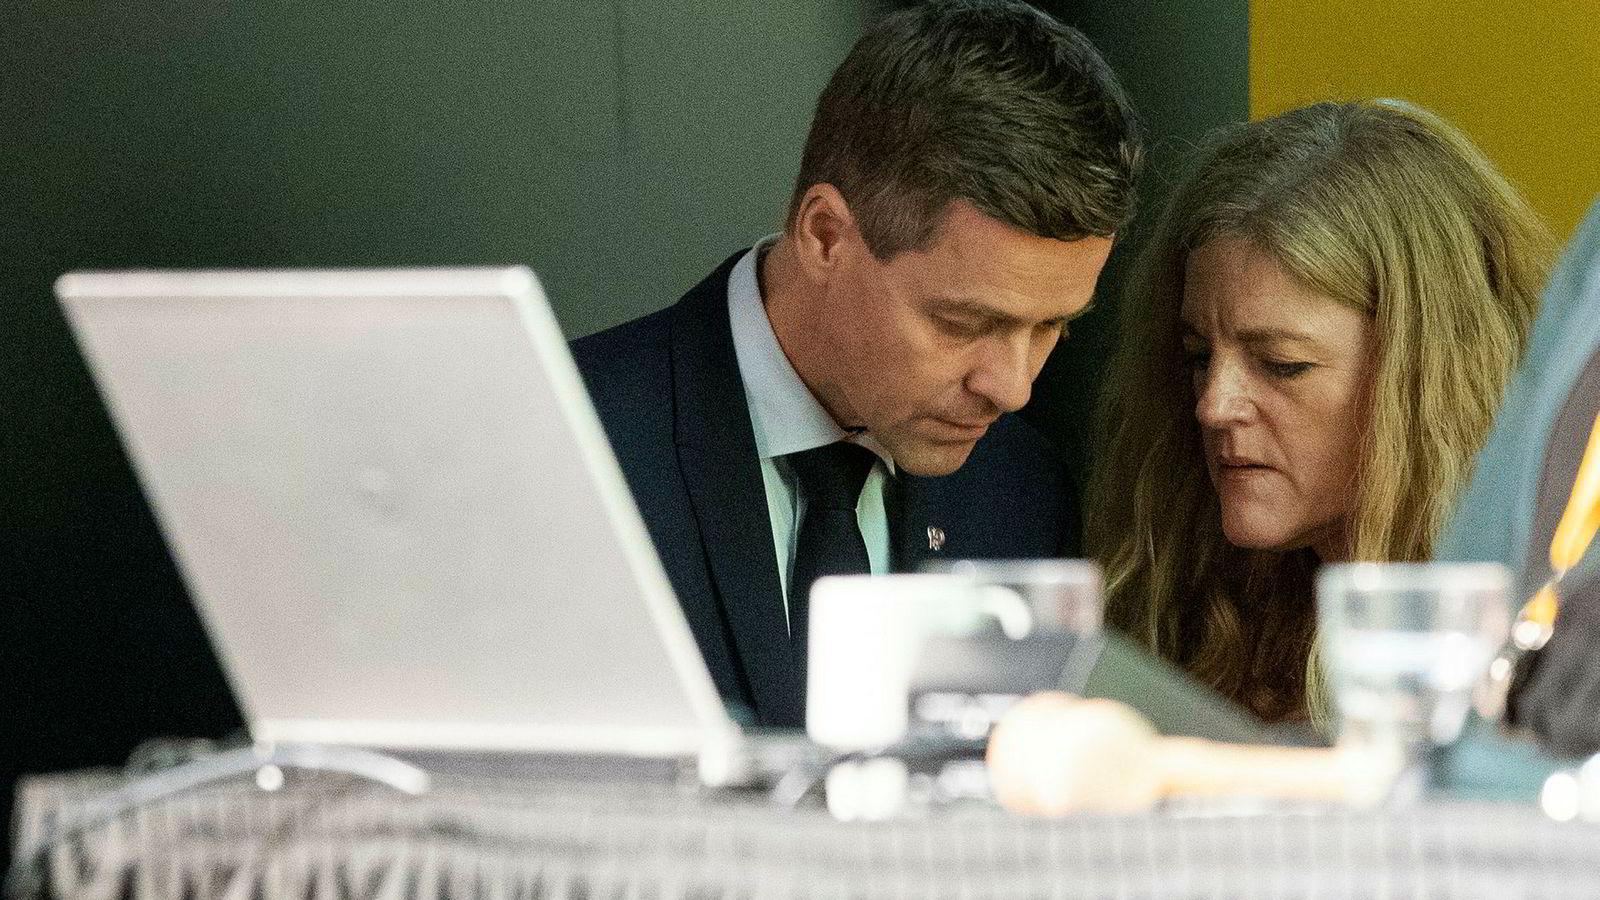 Generalsekretær Hilde Frafjord Johnson var en av de viktigste strategene for Knut Arild Hareides idé om å kaste Erna Solberg som statsminister.